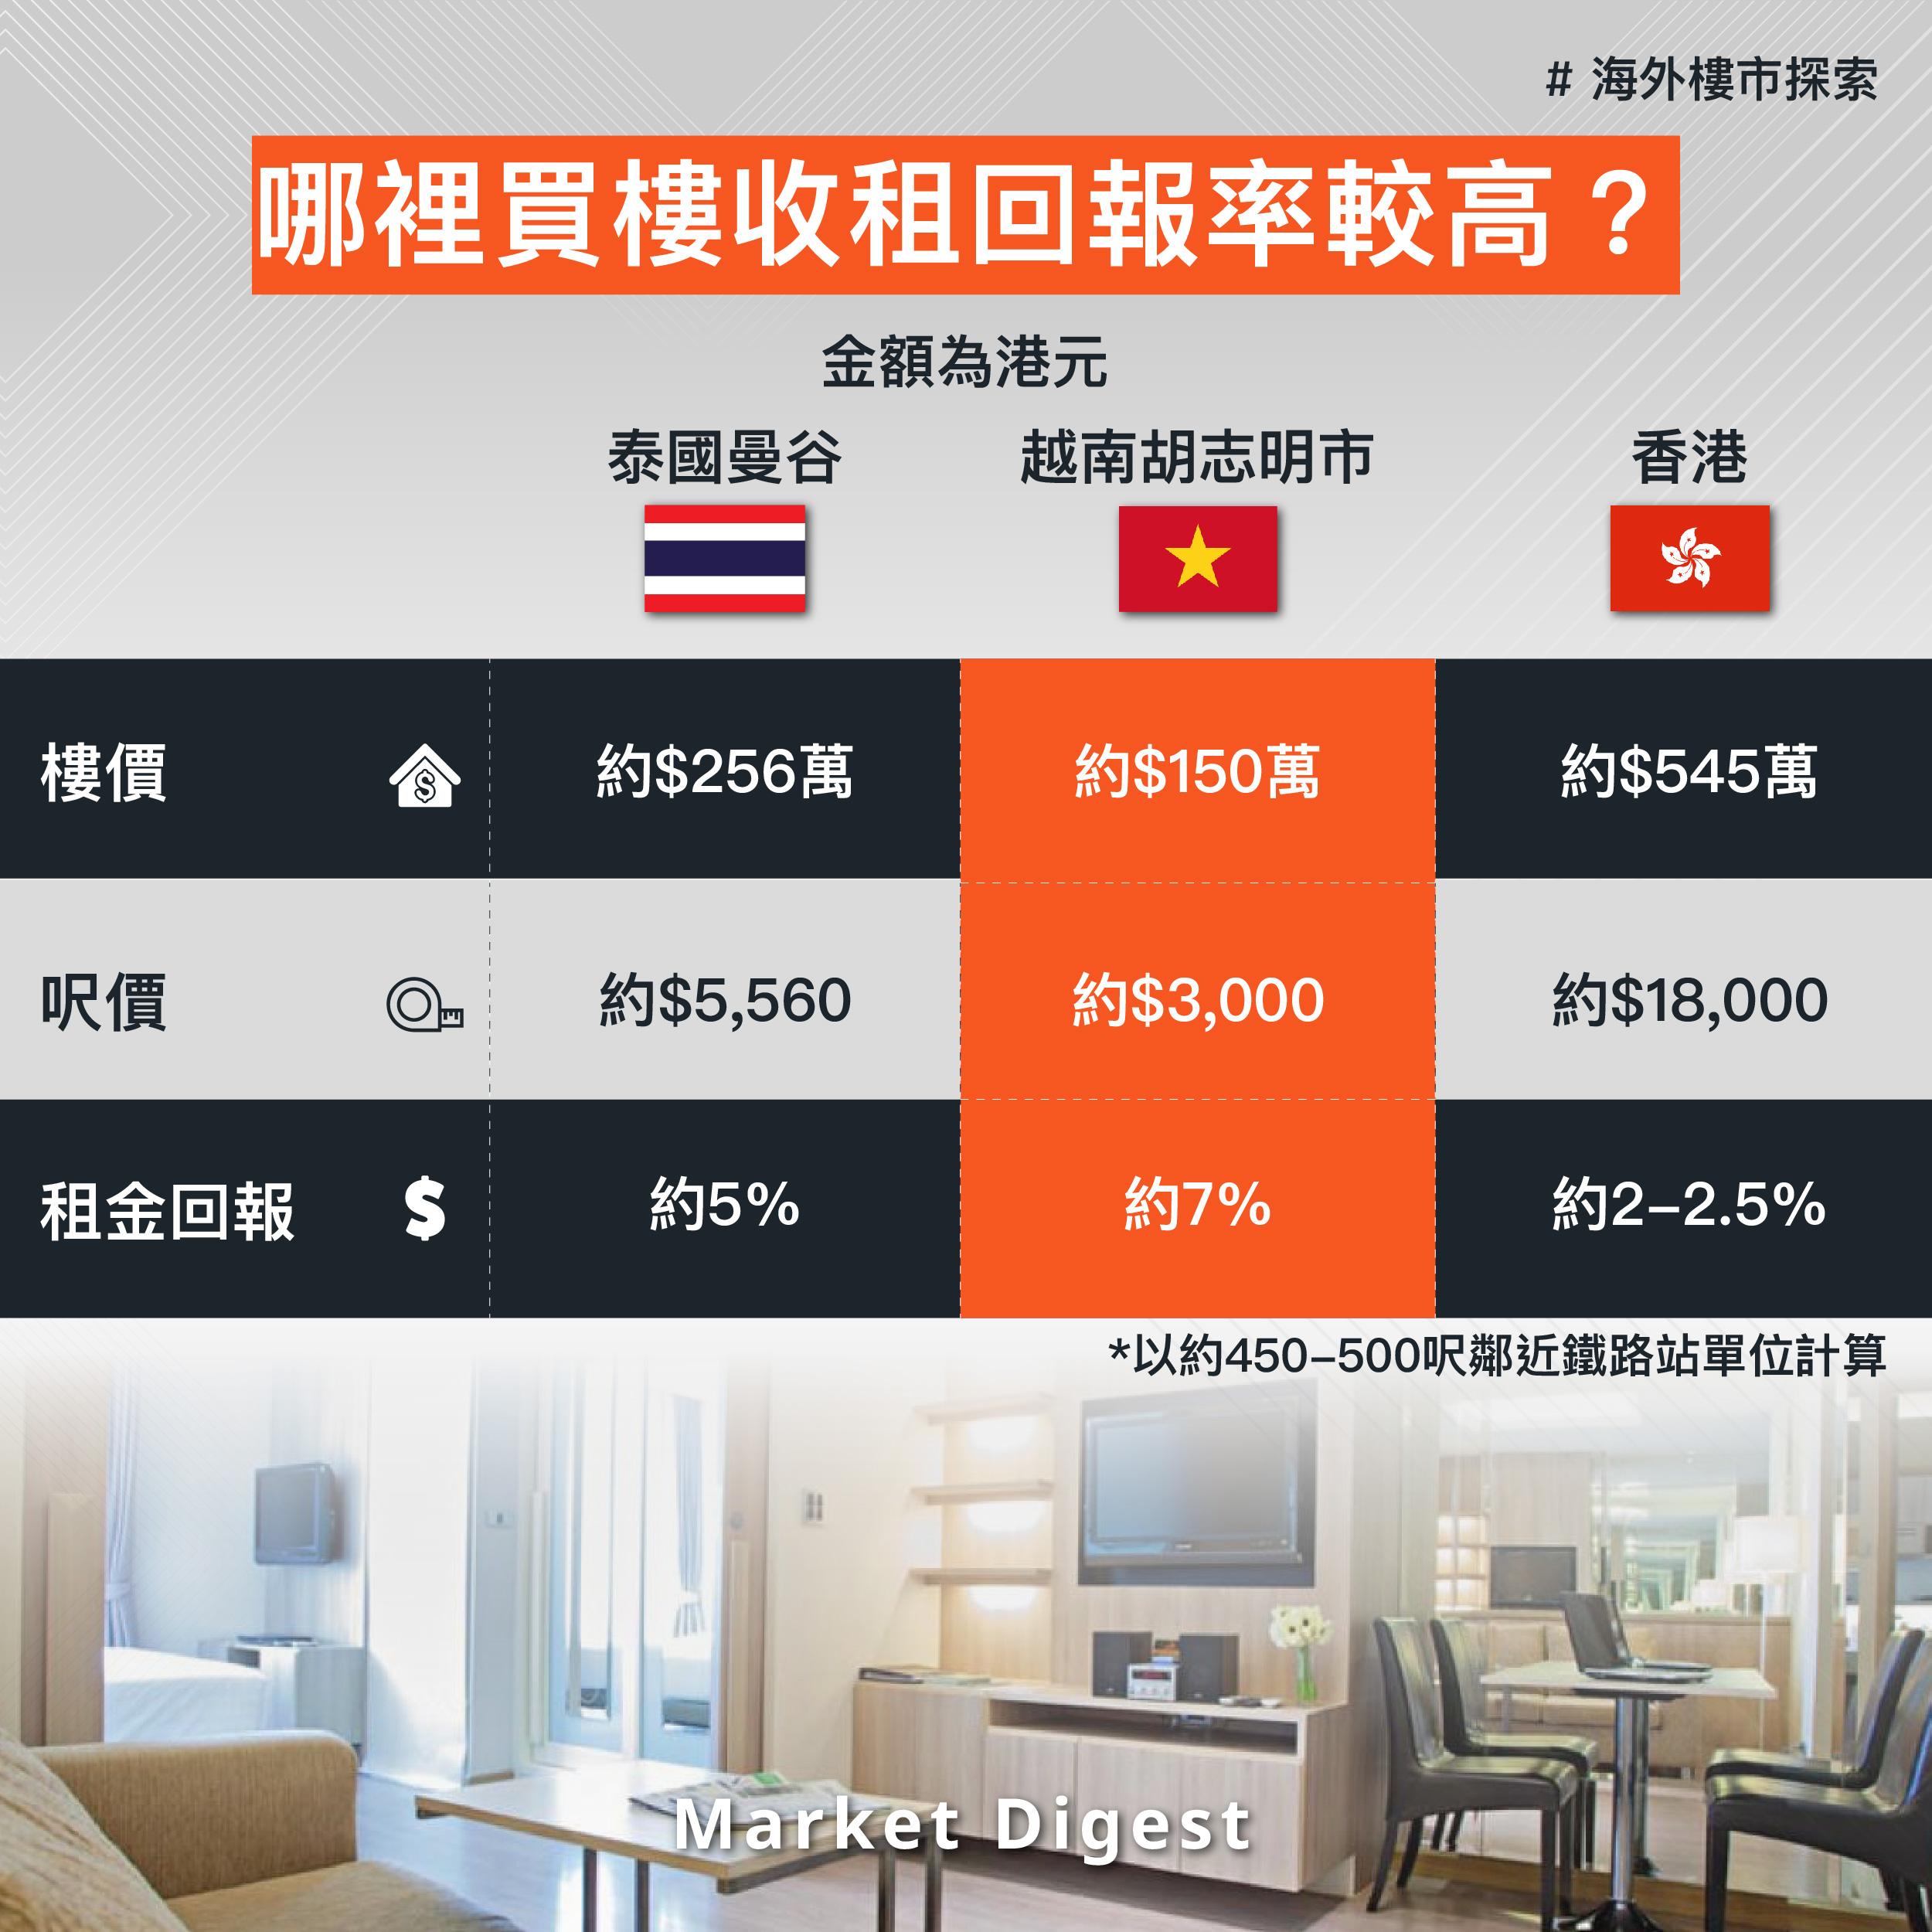 【海外樓市探索】哪裡買樓收租回報率較高?